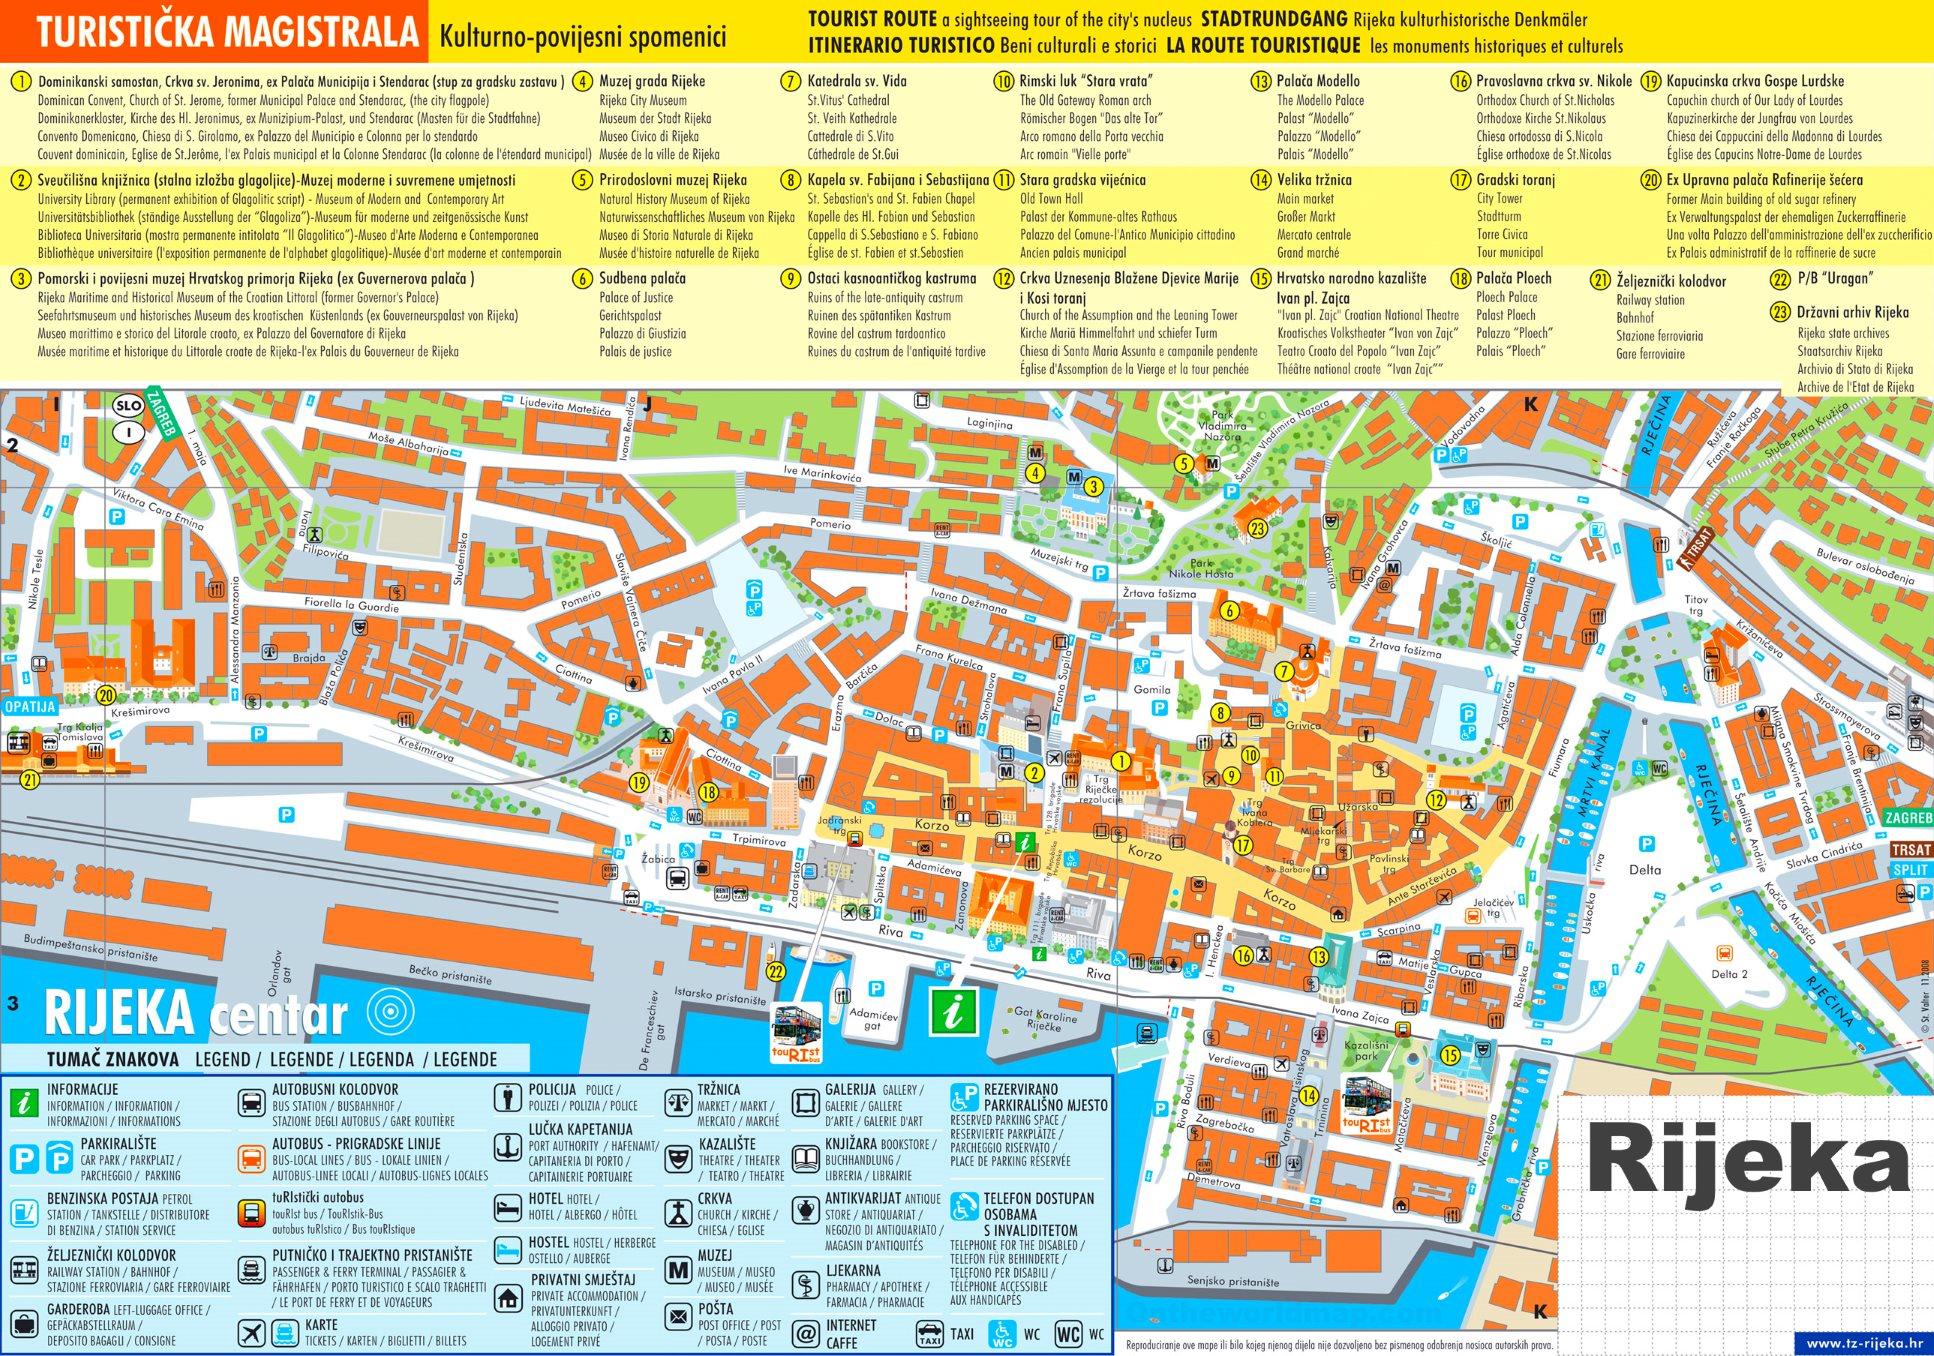 rijeka-tourist-map.jpg